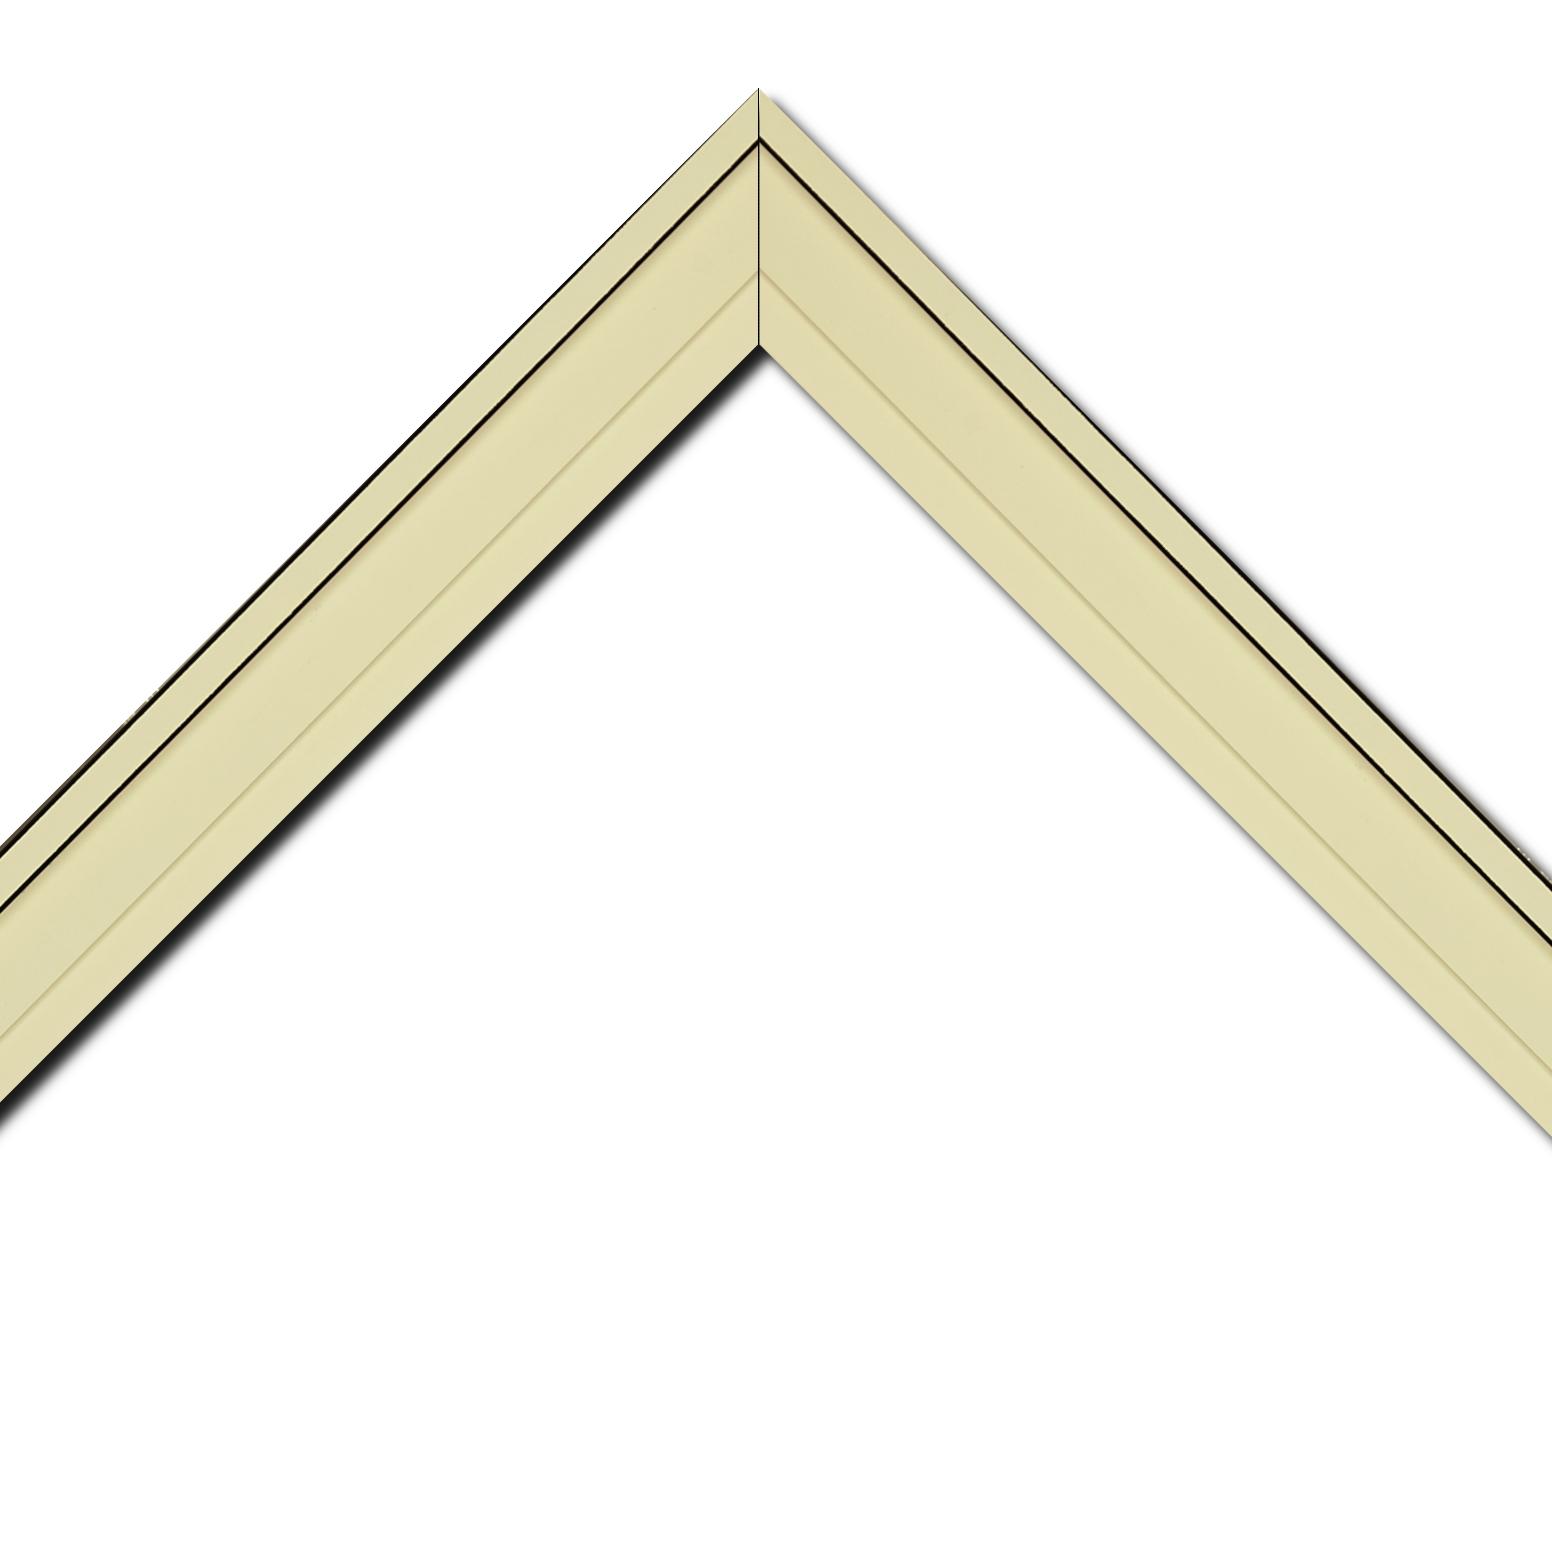 Baguette bois caisse américaine profil escalier largeur 4.4cm crème surligné de 2 traits noirs (spécialement conçu pour les châssis d'une épaisseur jusqu'à 2.5cm )